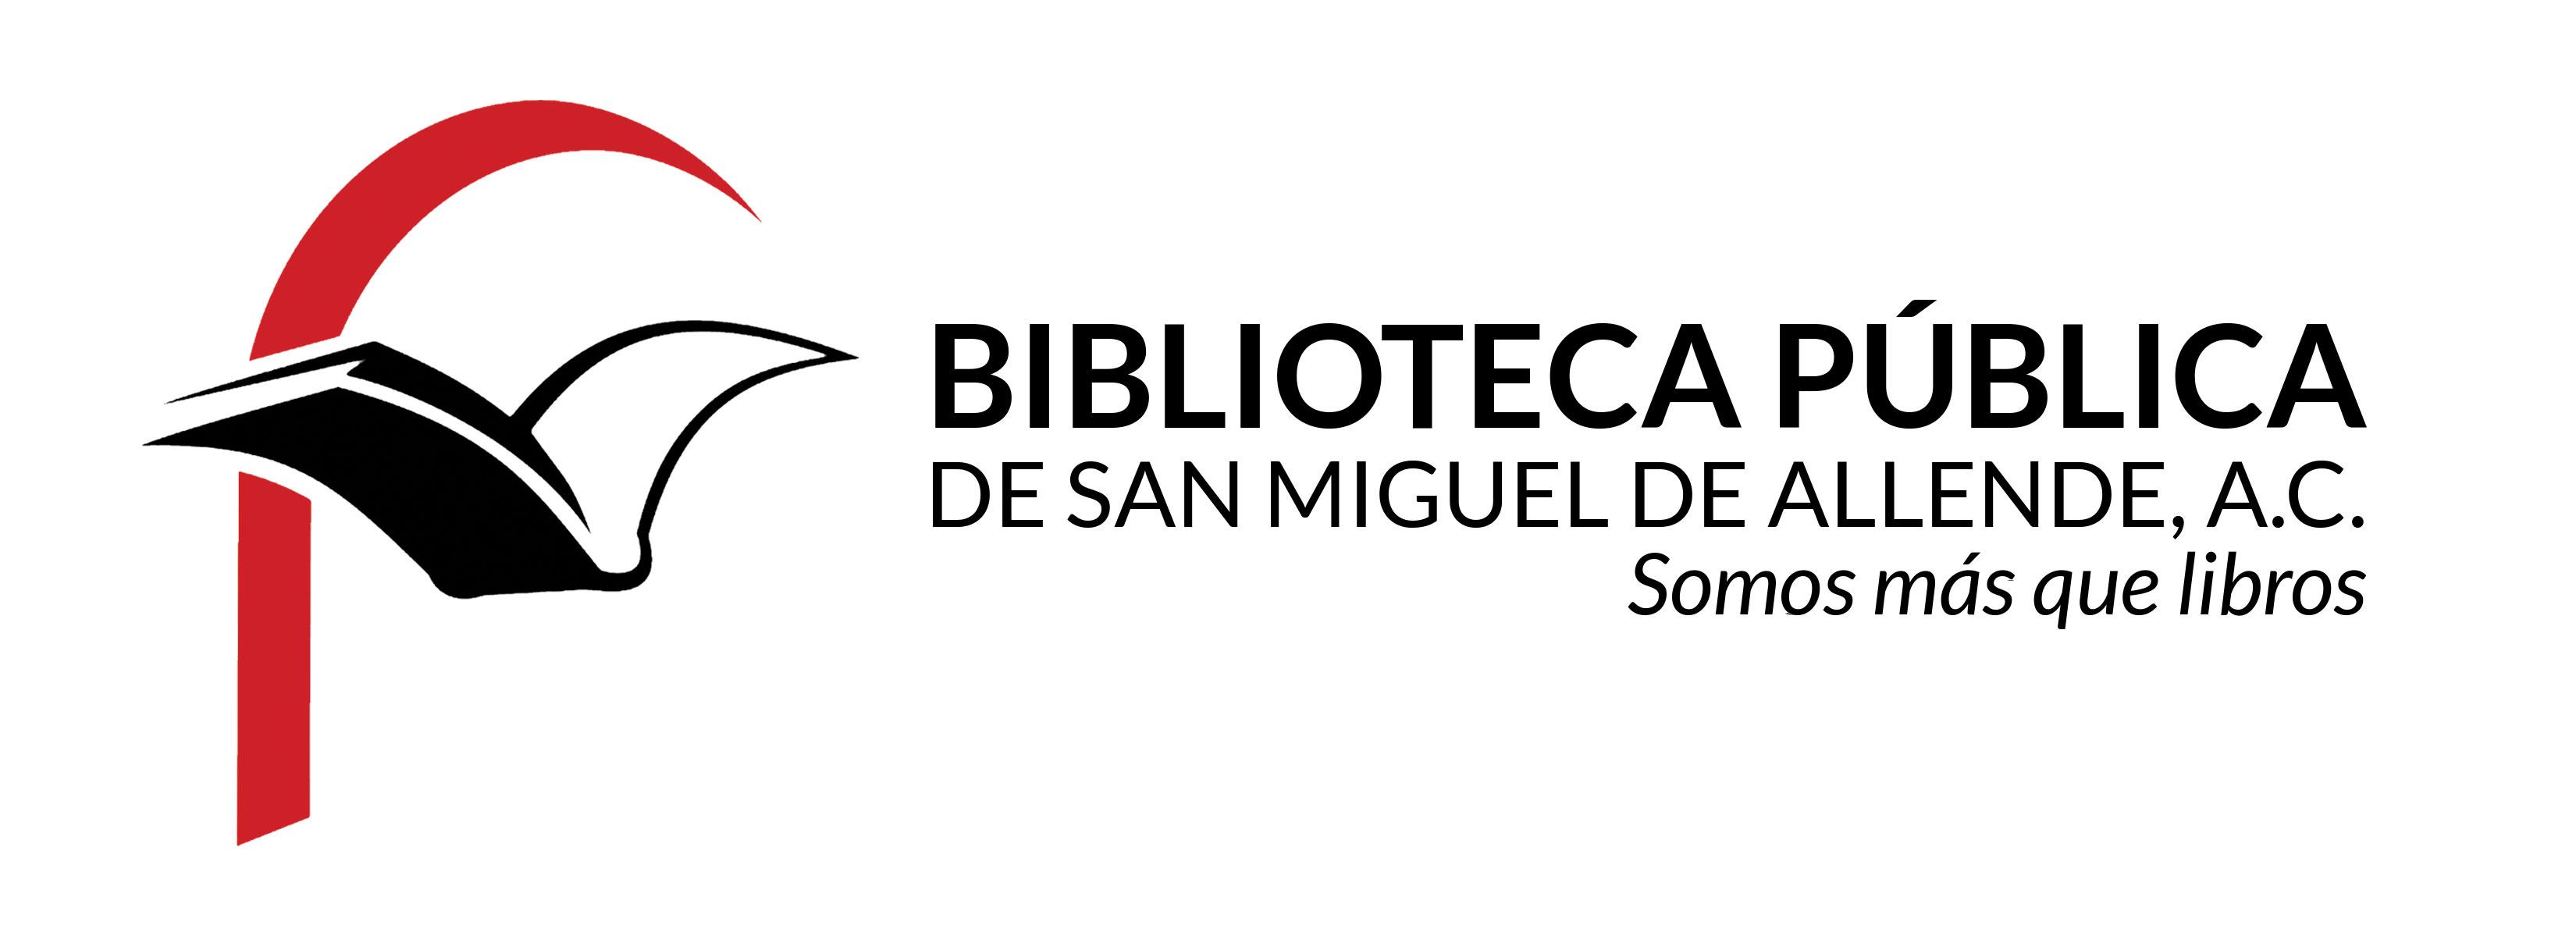 Biblioteca Pública de San Miguel de Allende